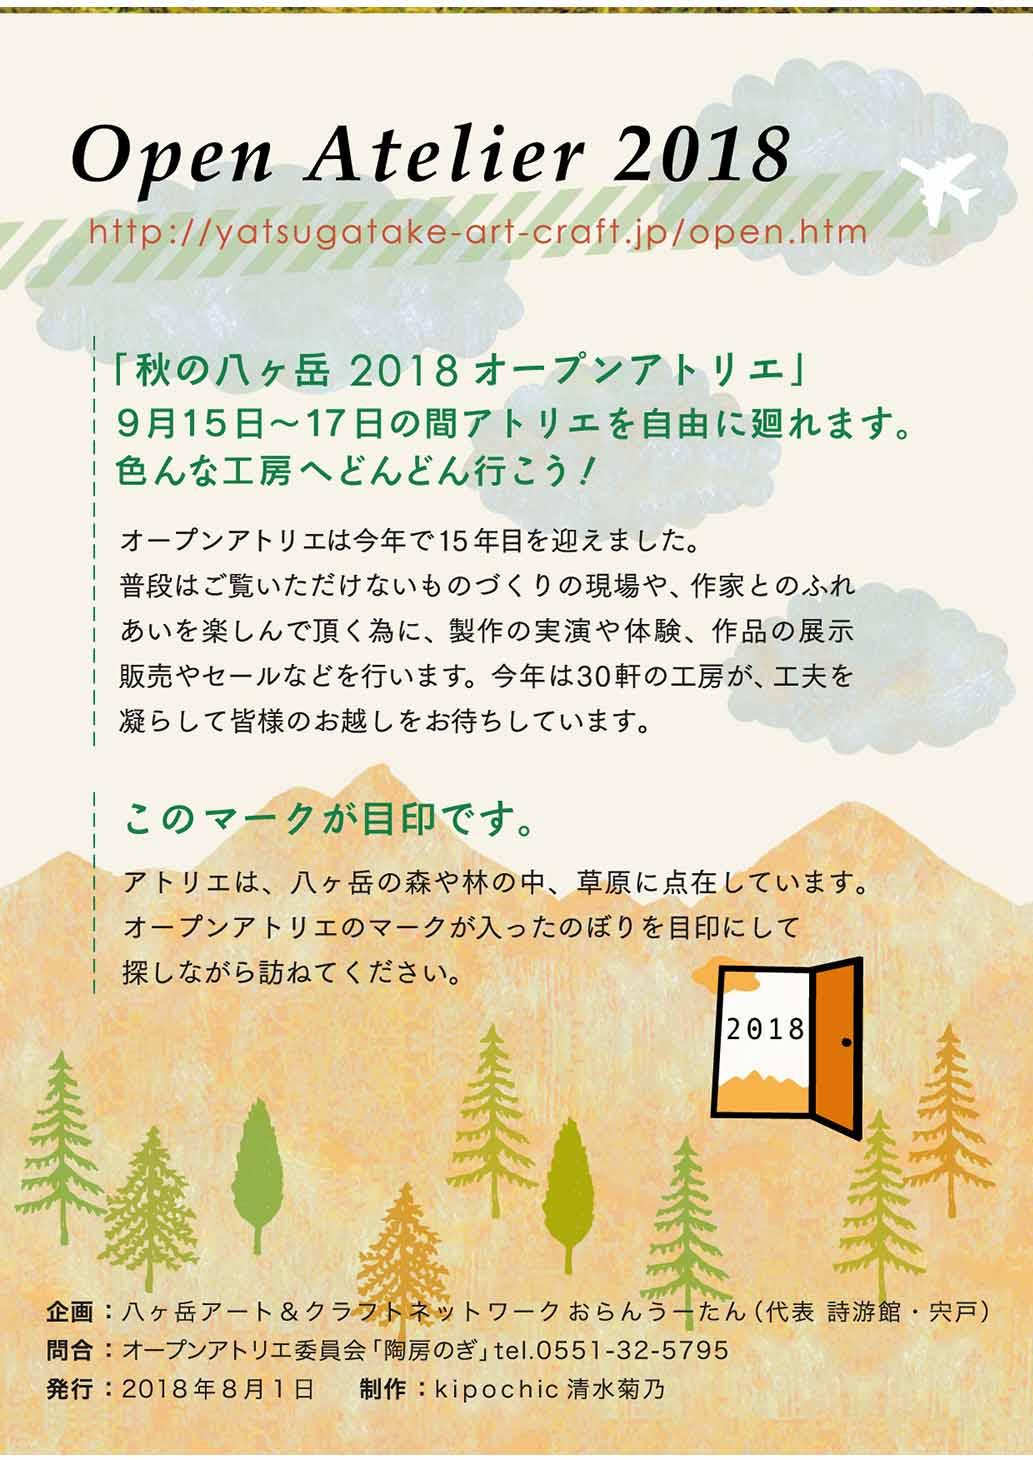 秋の八ヶ岳2018オープンアトリエ9月15日(土)~17日(月・祝)の3日間、30工房が参加